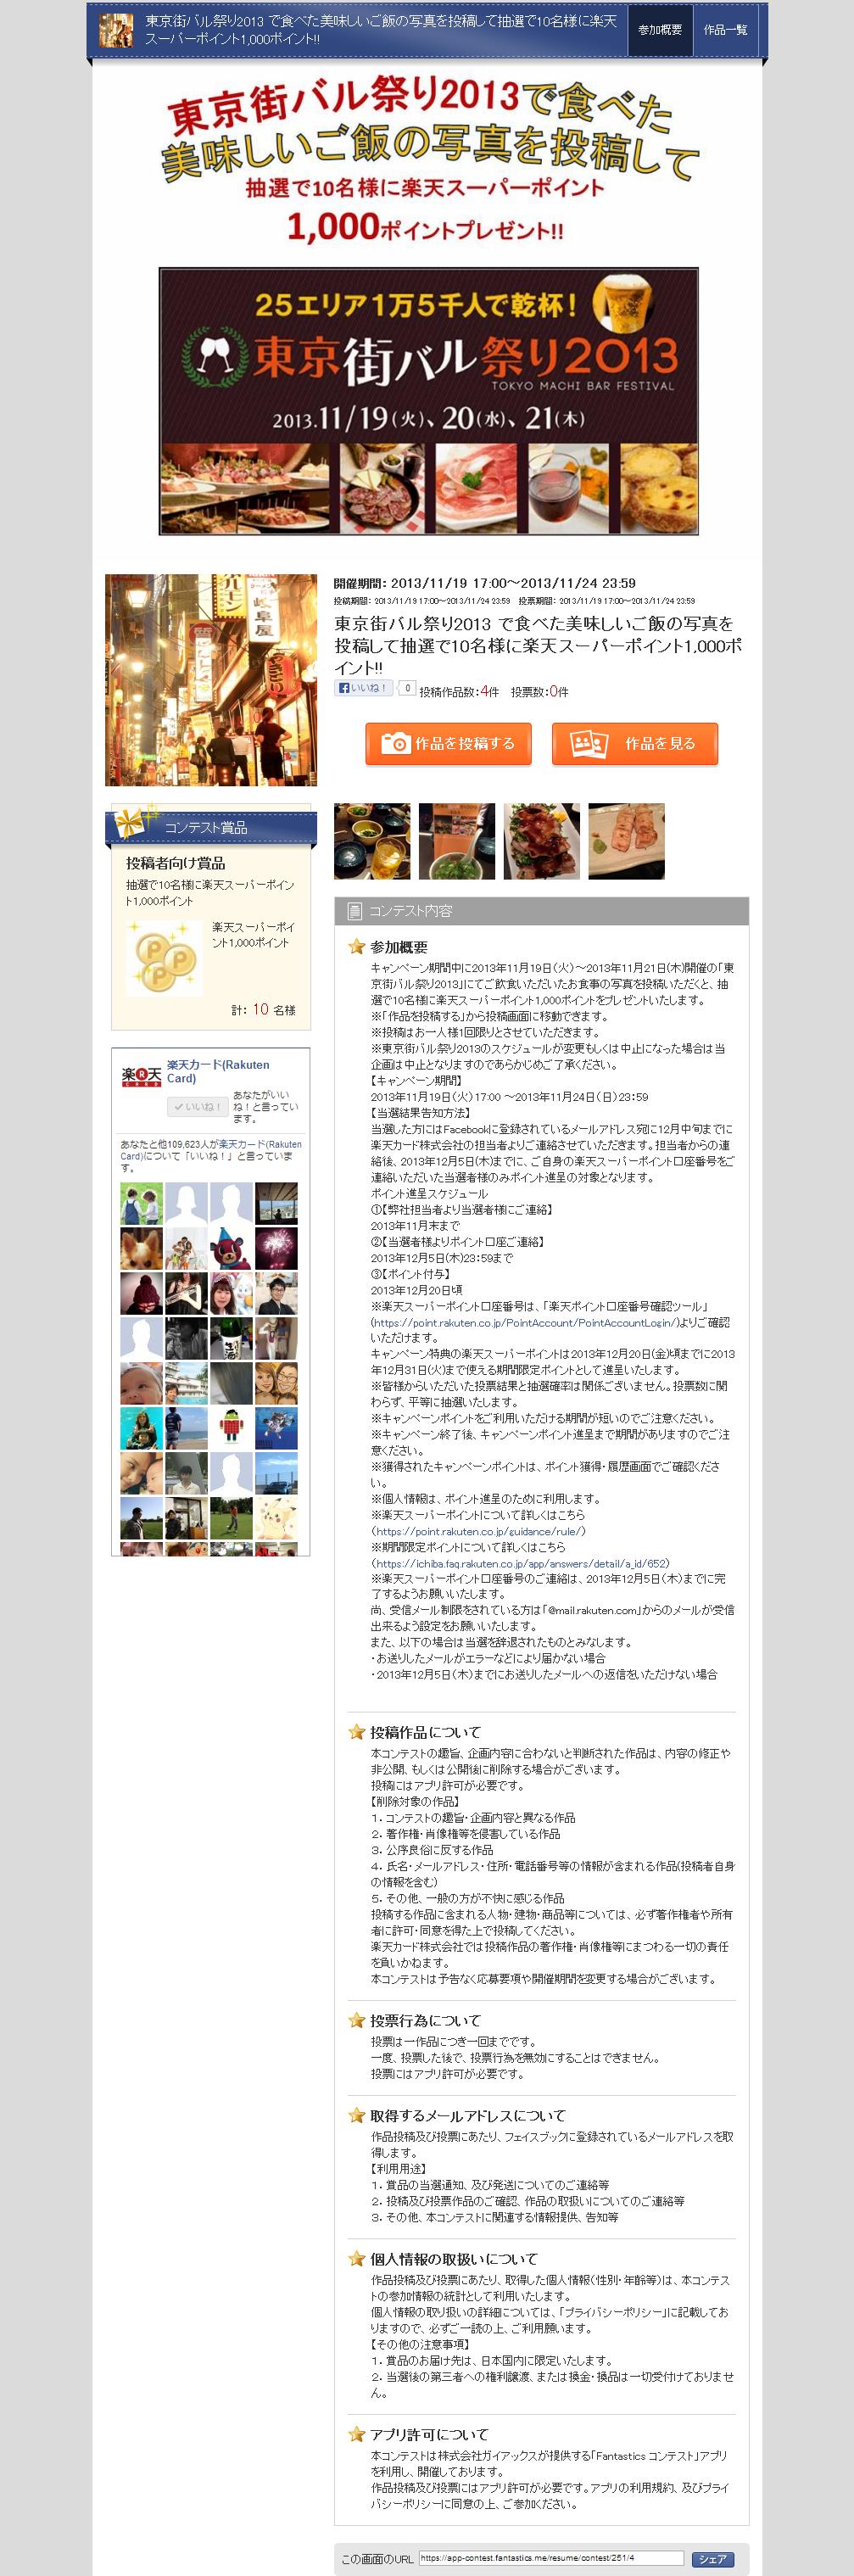 Fantastics 投稿&投票コンテスト(楽天カード株式会社様)